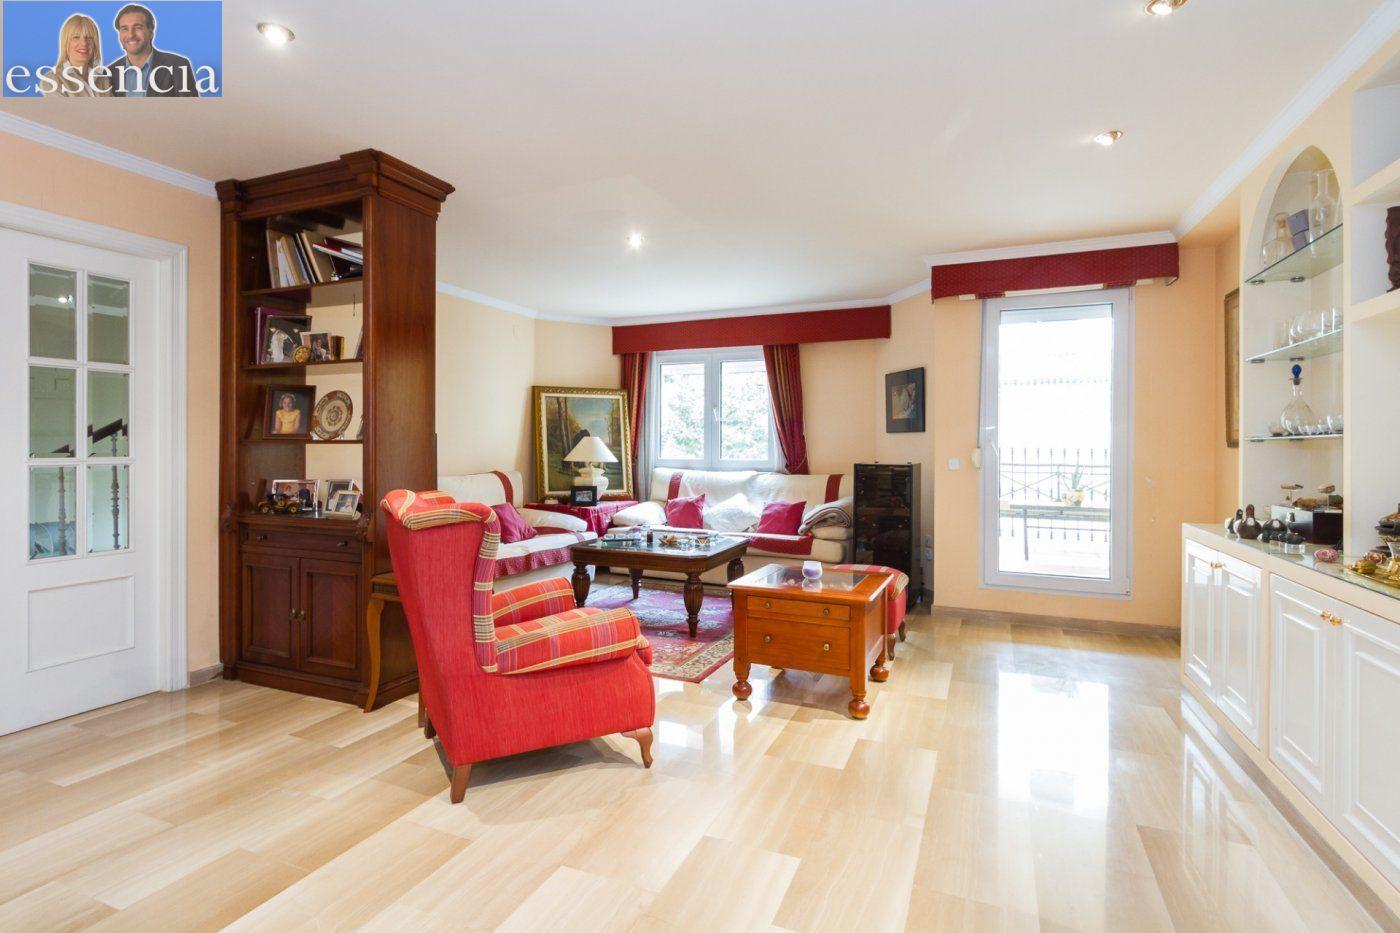 Casa con encanto en el centro de gandÍa para clientes vip - imagenInmueble3